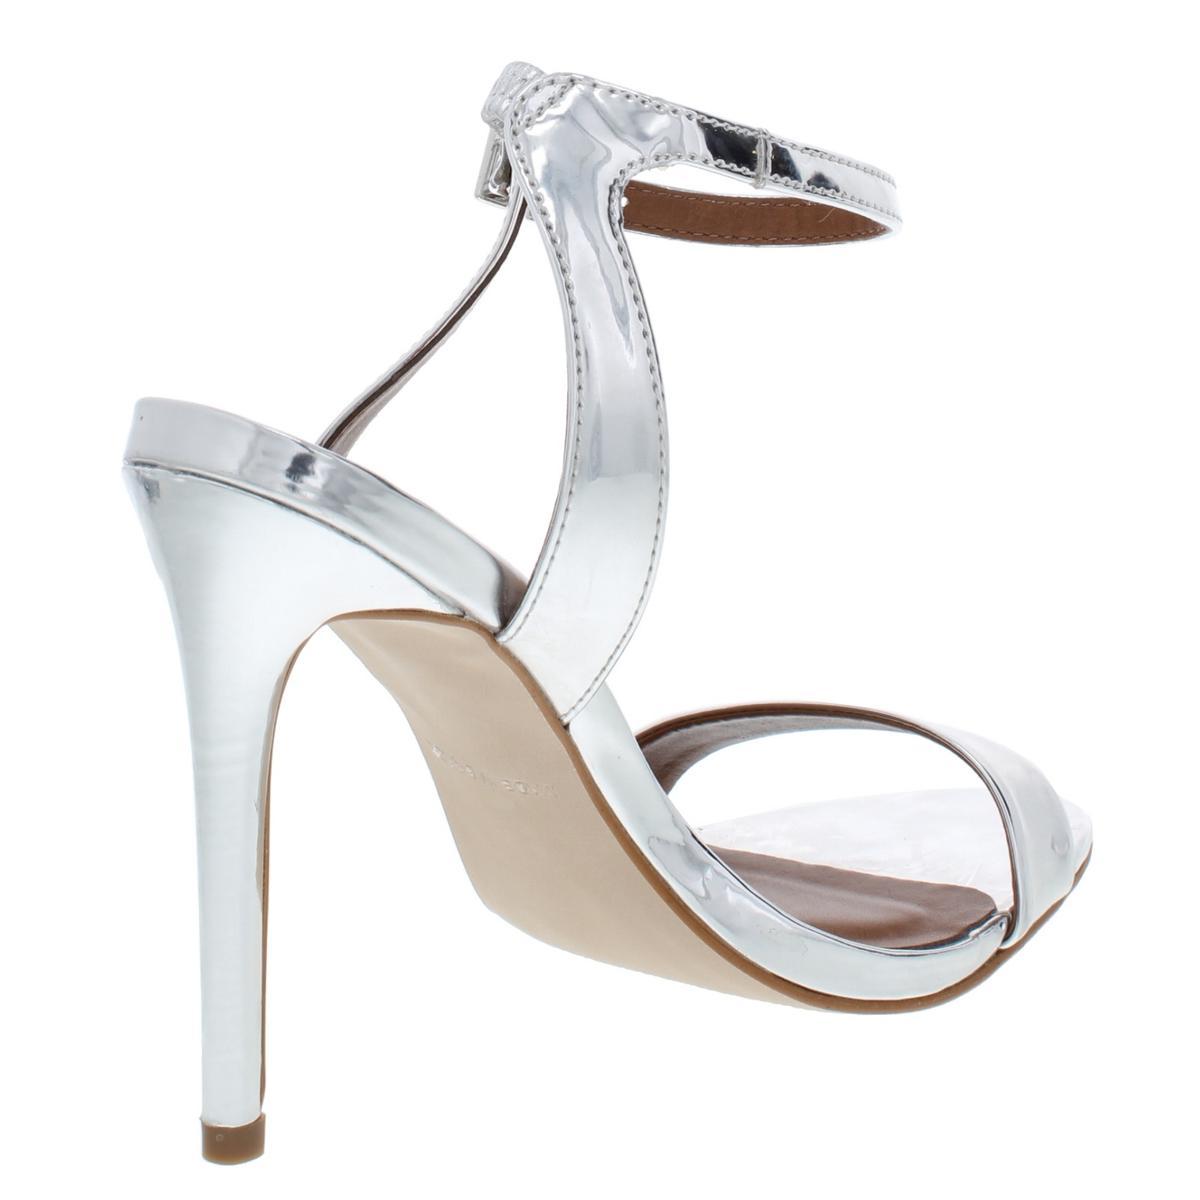 Steve-Madden-Womens-Landen-Open-Toe-Dress-Sandals-Shoes-BHFO-3977 thumbnail 12